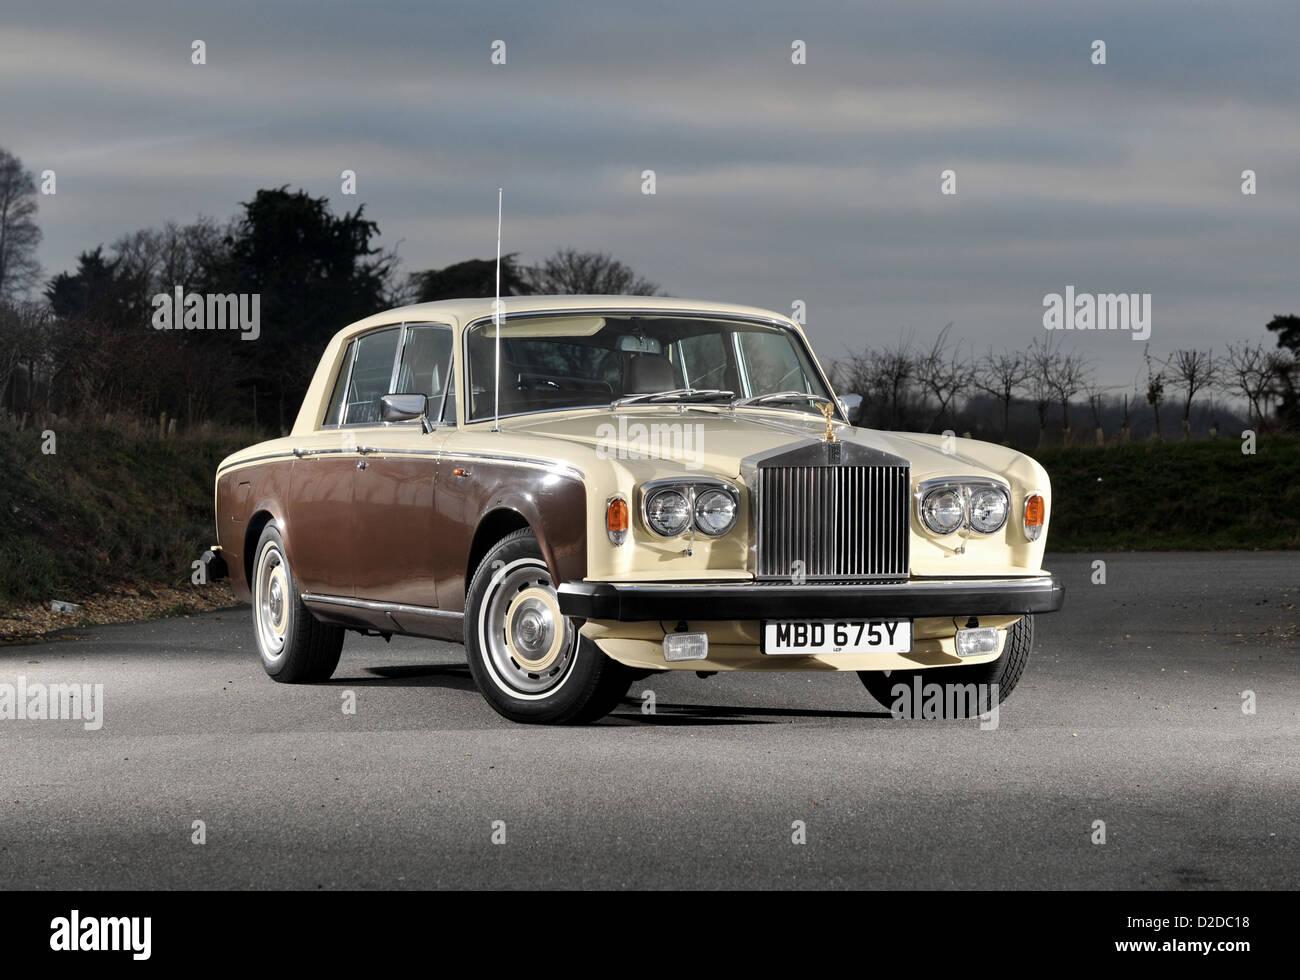 1978-Rolls Royce Silver Shadow II-klassische Luxus-Auto Stockbild